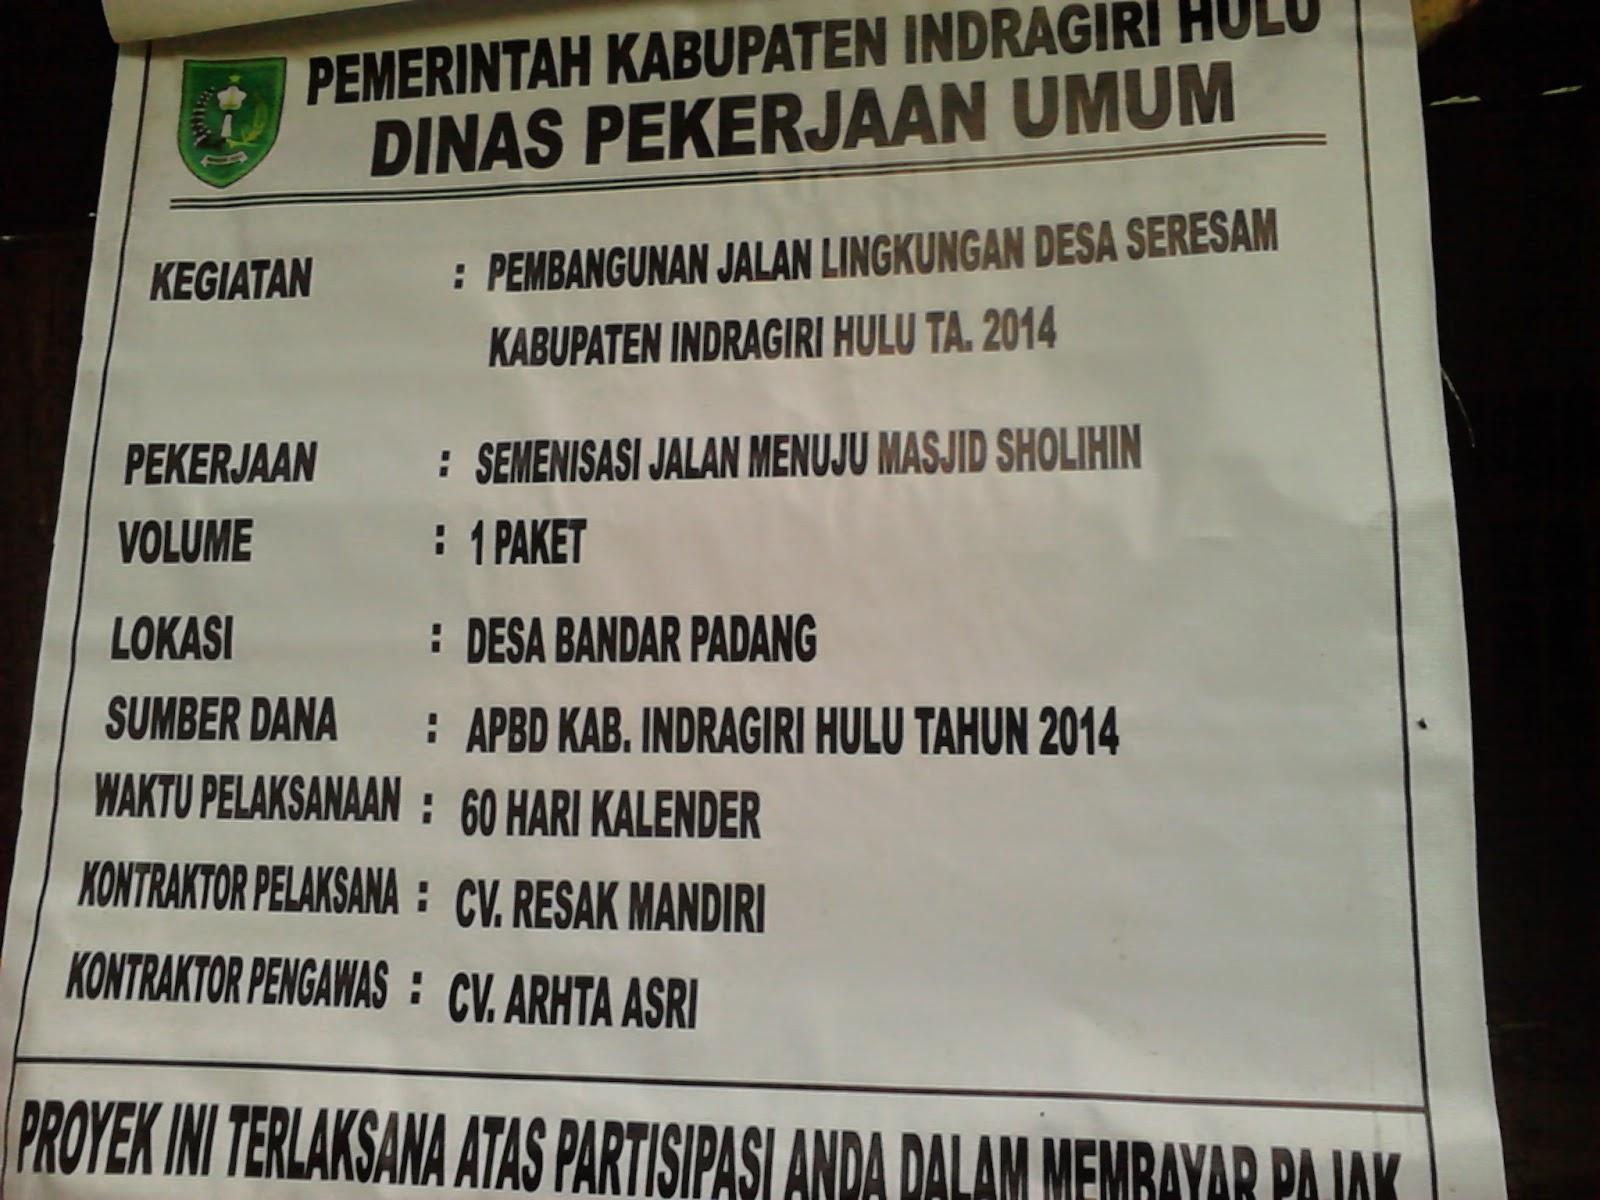 CV Resak Mandiri DEVID EKHA HIDAYAT semenisasi di Bandar Padang